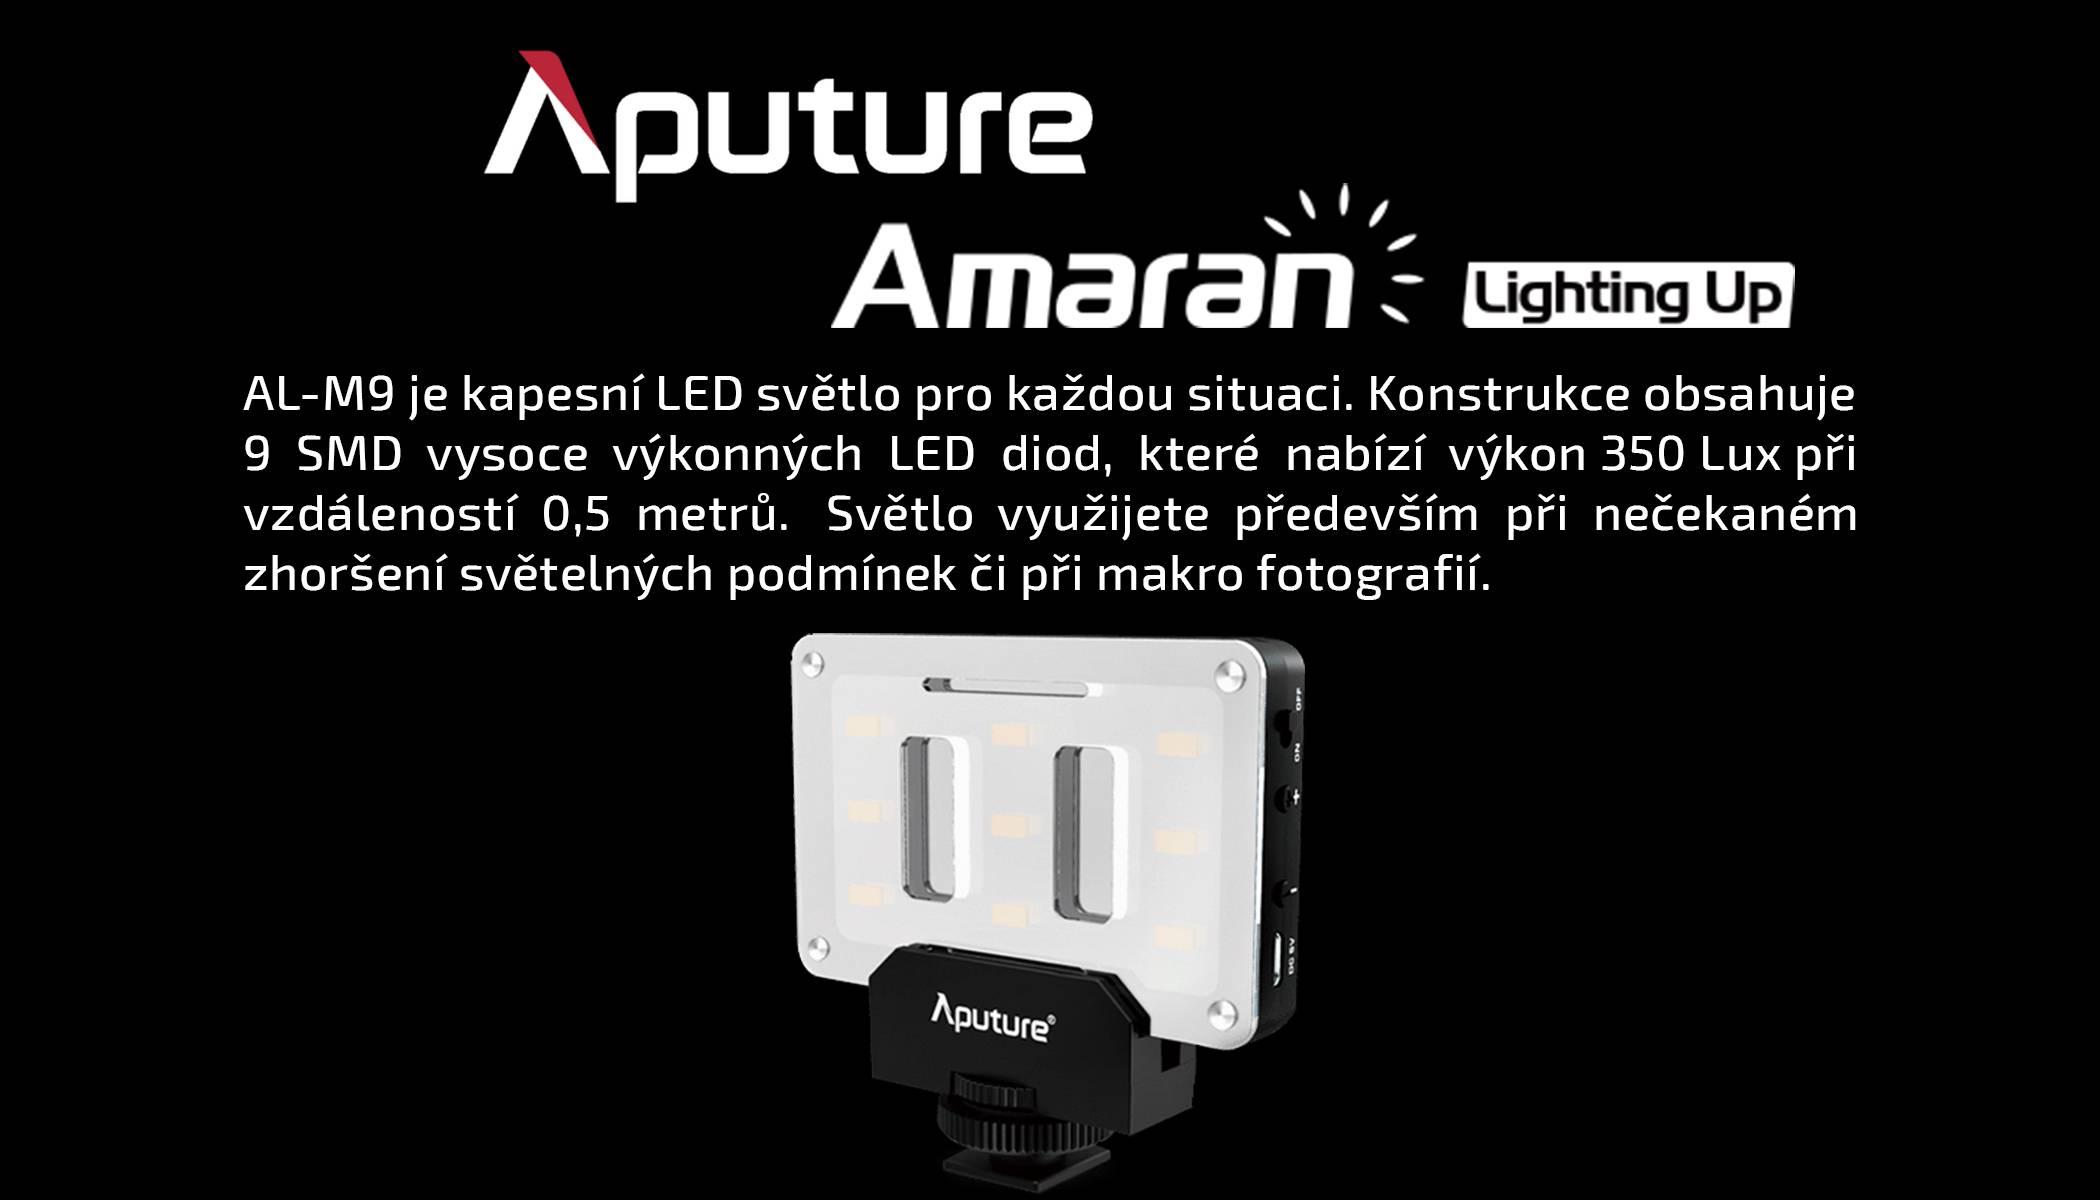 film-technika-aputure-amaran-al-m9-opravdu-malé-kamerové-led-světlo